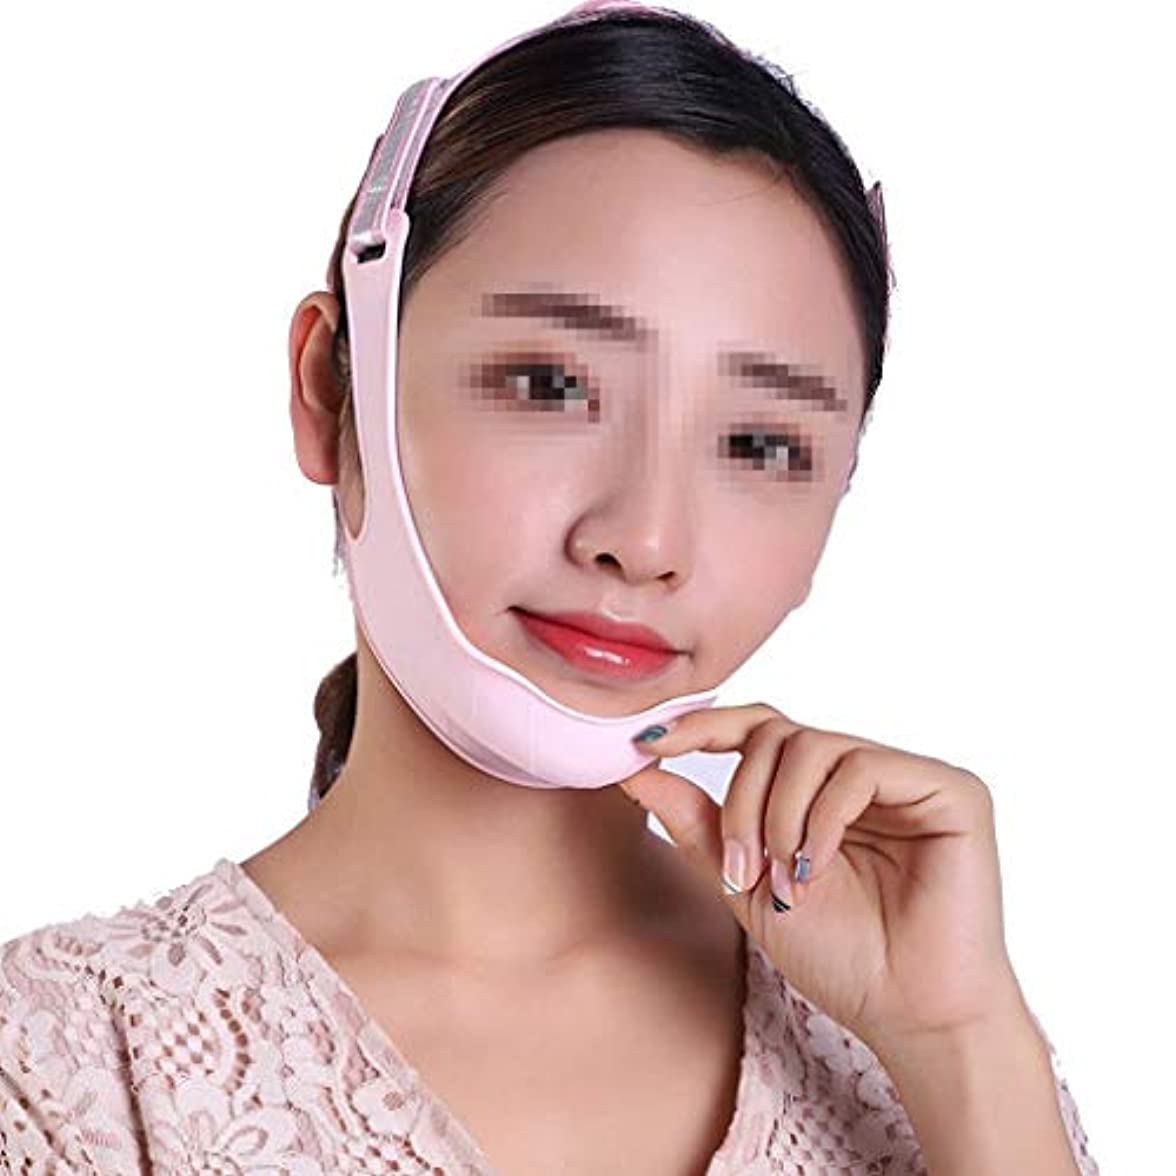 みなさんライトニング障害シリコンフェイスマスク、スモールVフェイスシンフェイスバンデージリフティングフェイスファーミングアーティファクトマッサージャースキニーフェイスビューティーバー